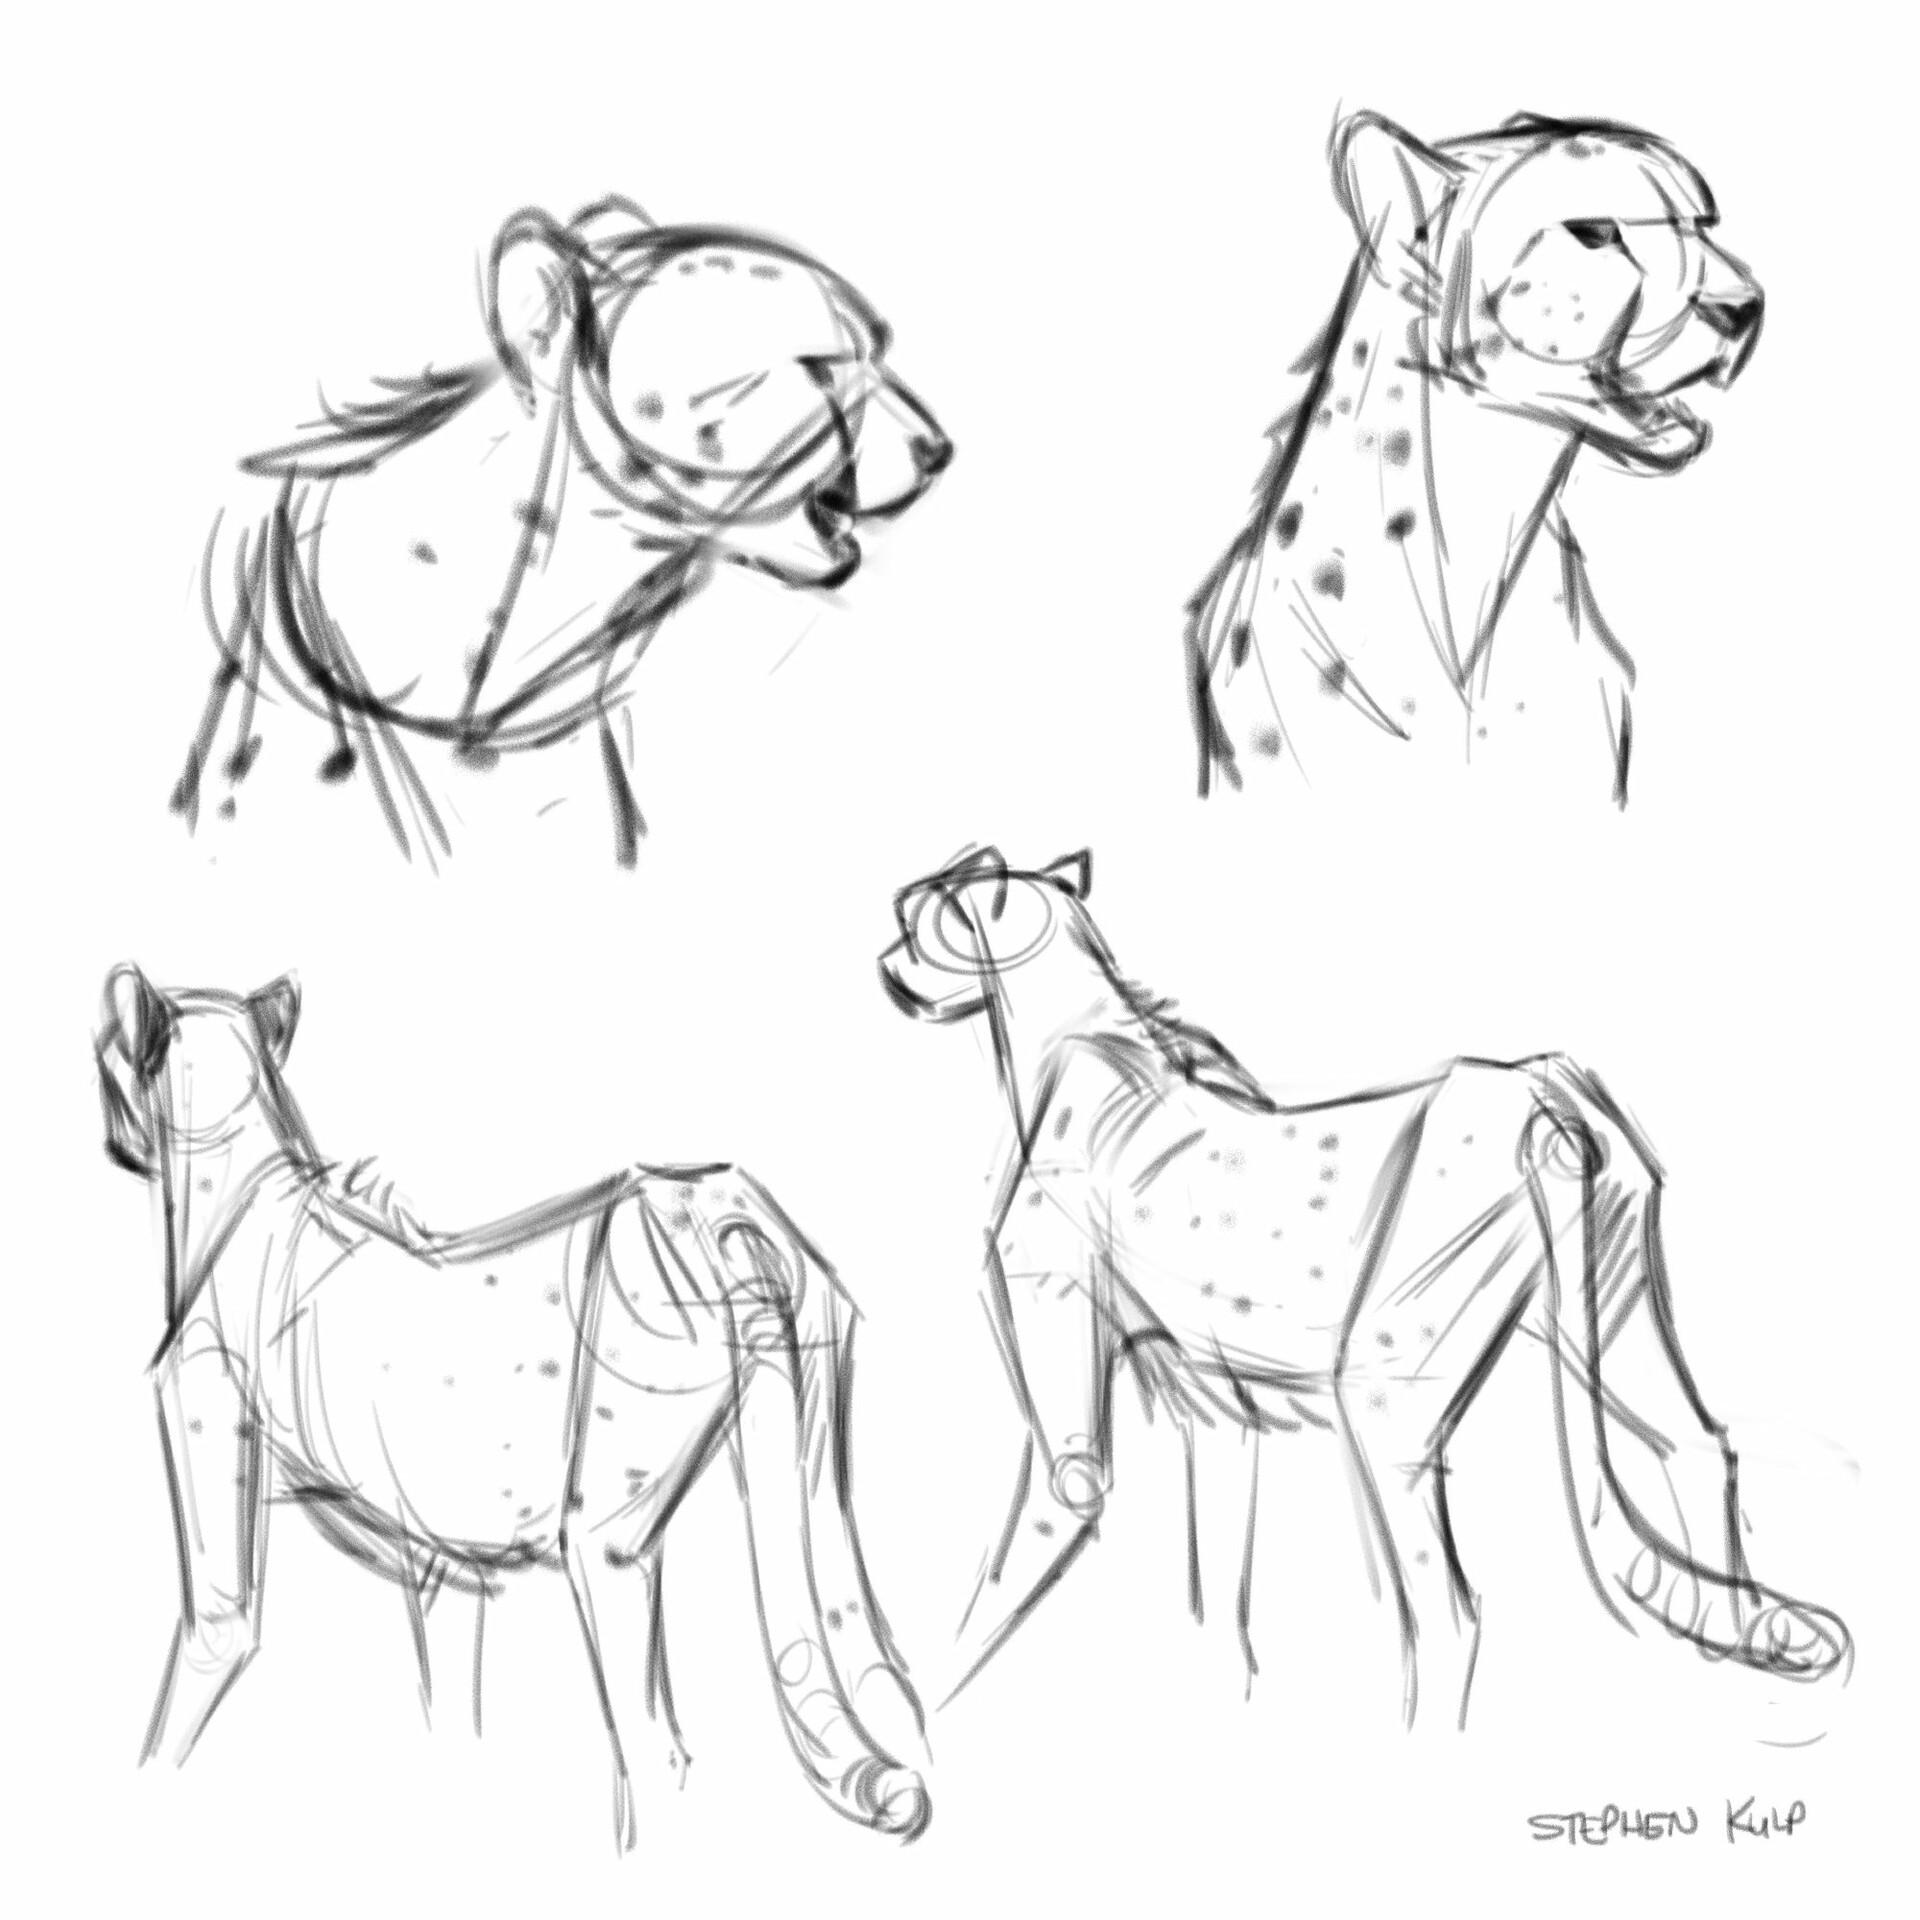 Stephen kulp cheetah sketch2